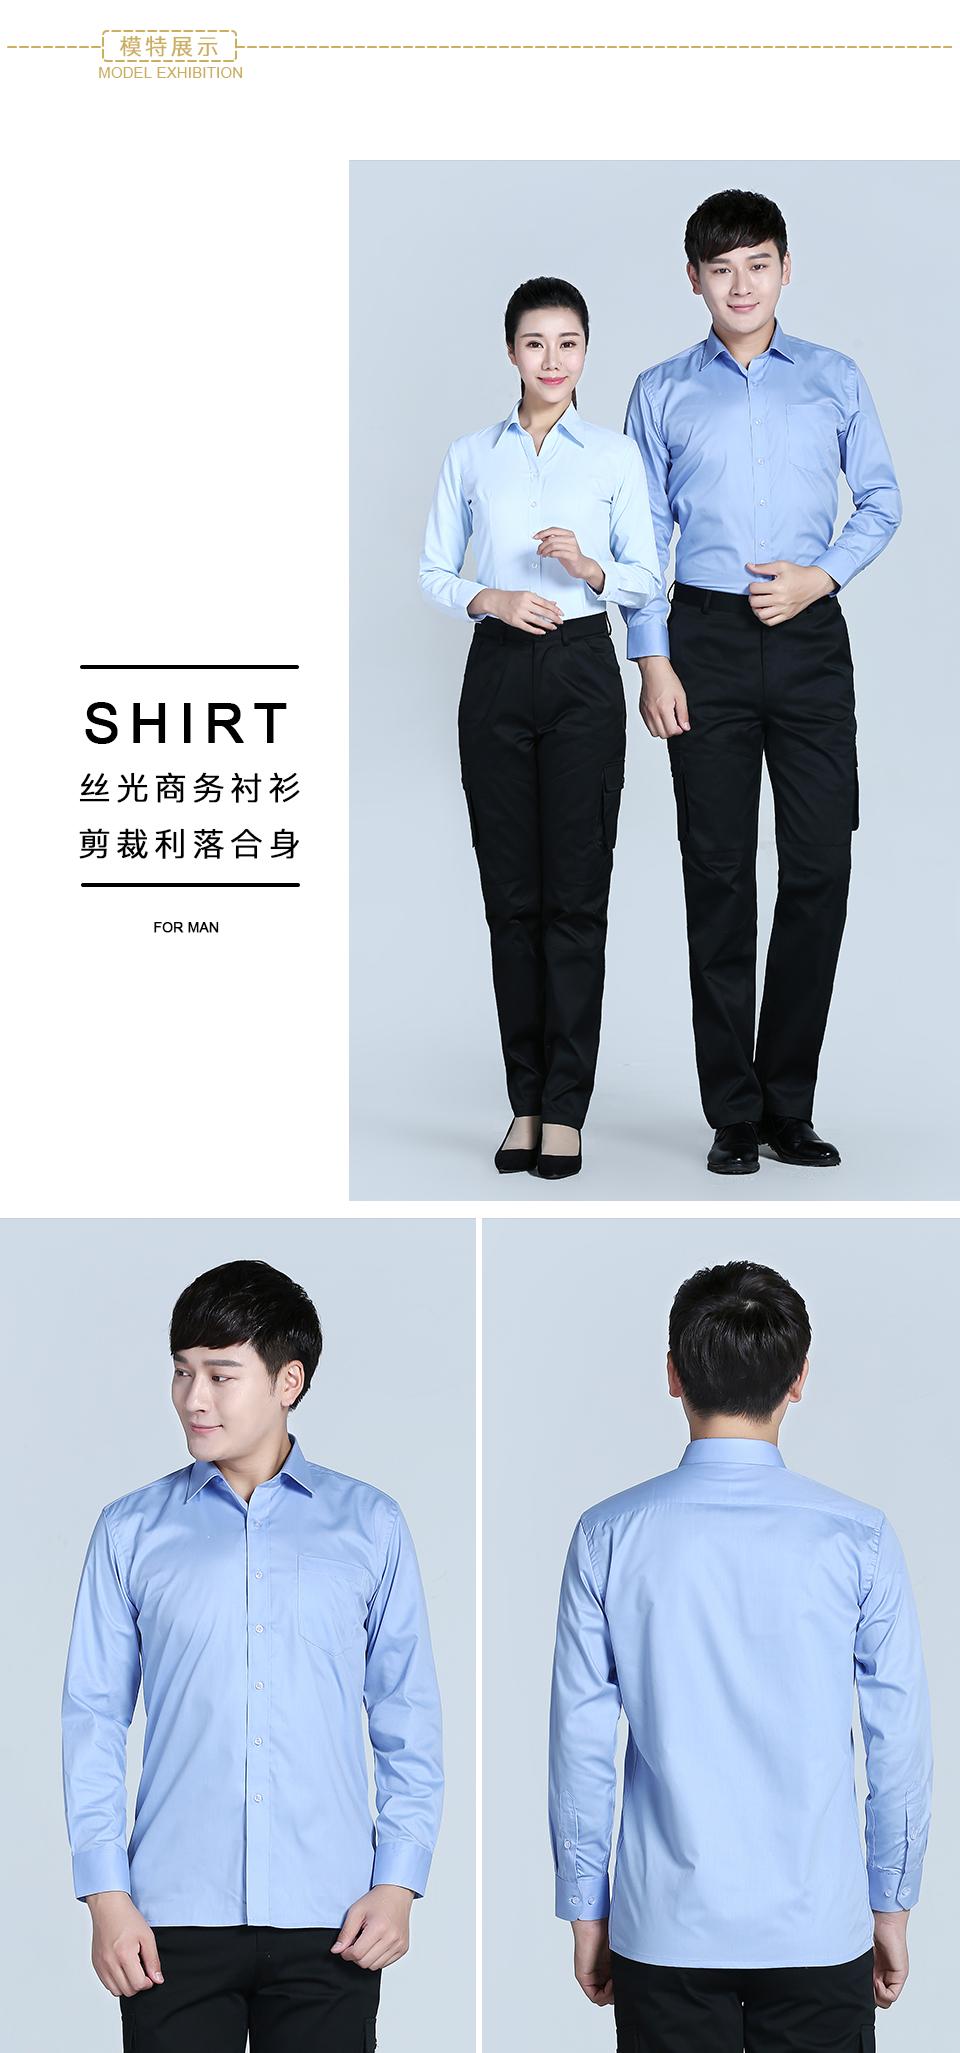 新款衬衫浅蓝女全棉蓝色女长袖衬衫